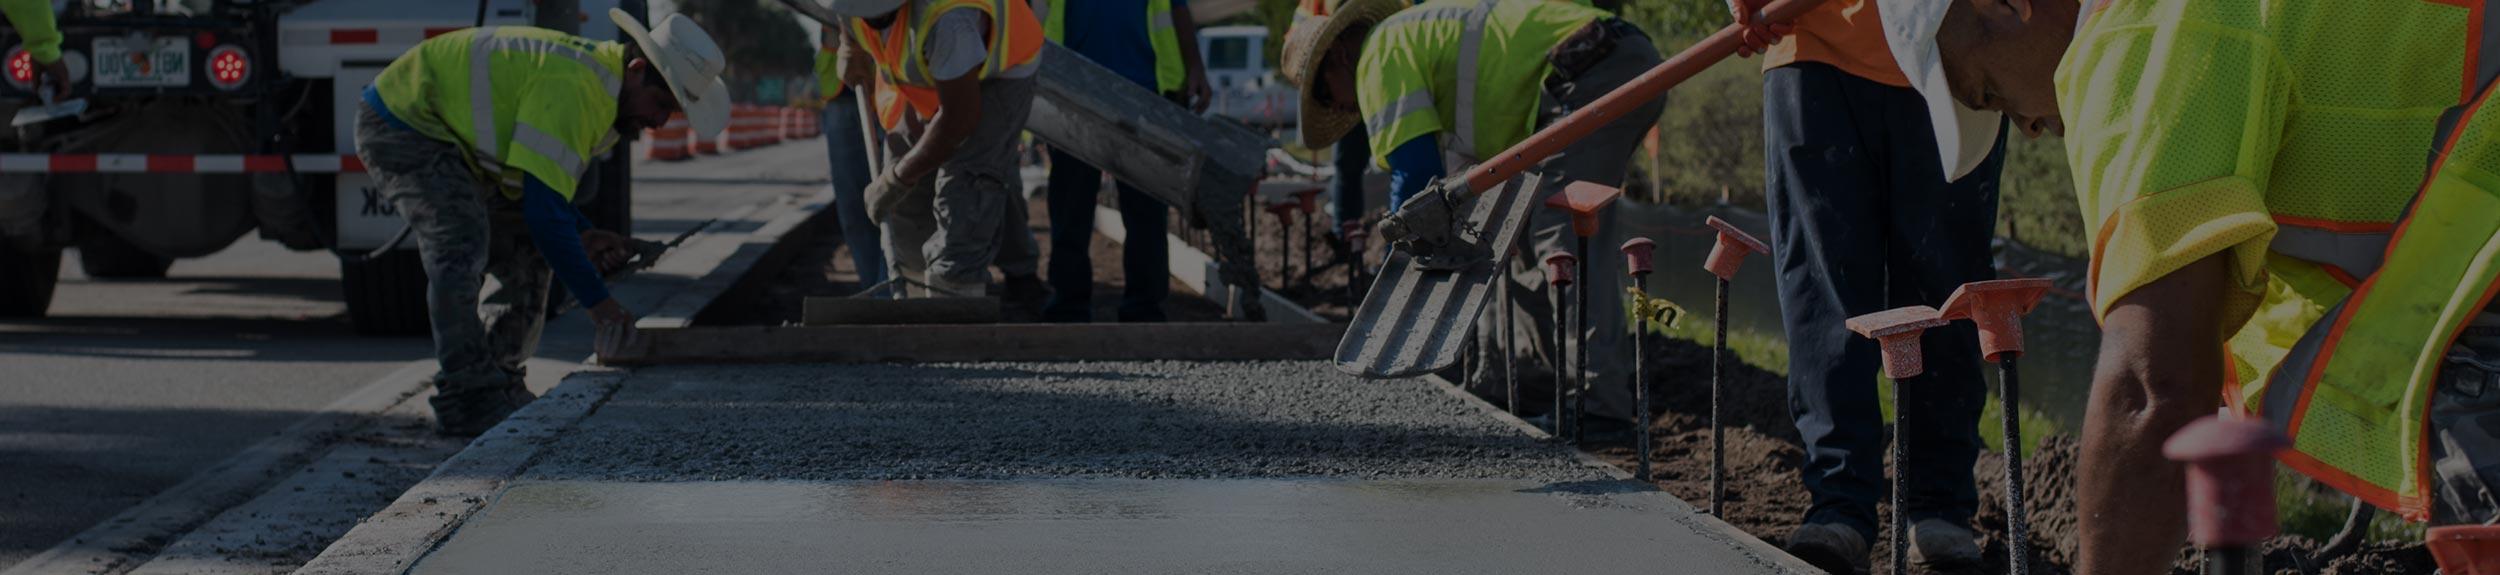 Concrete Workforce in Naples - Collier Paving & Concrete